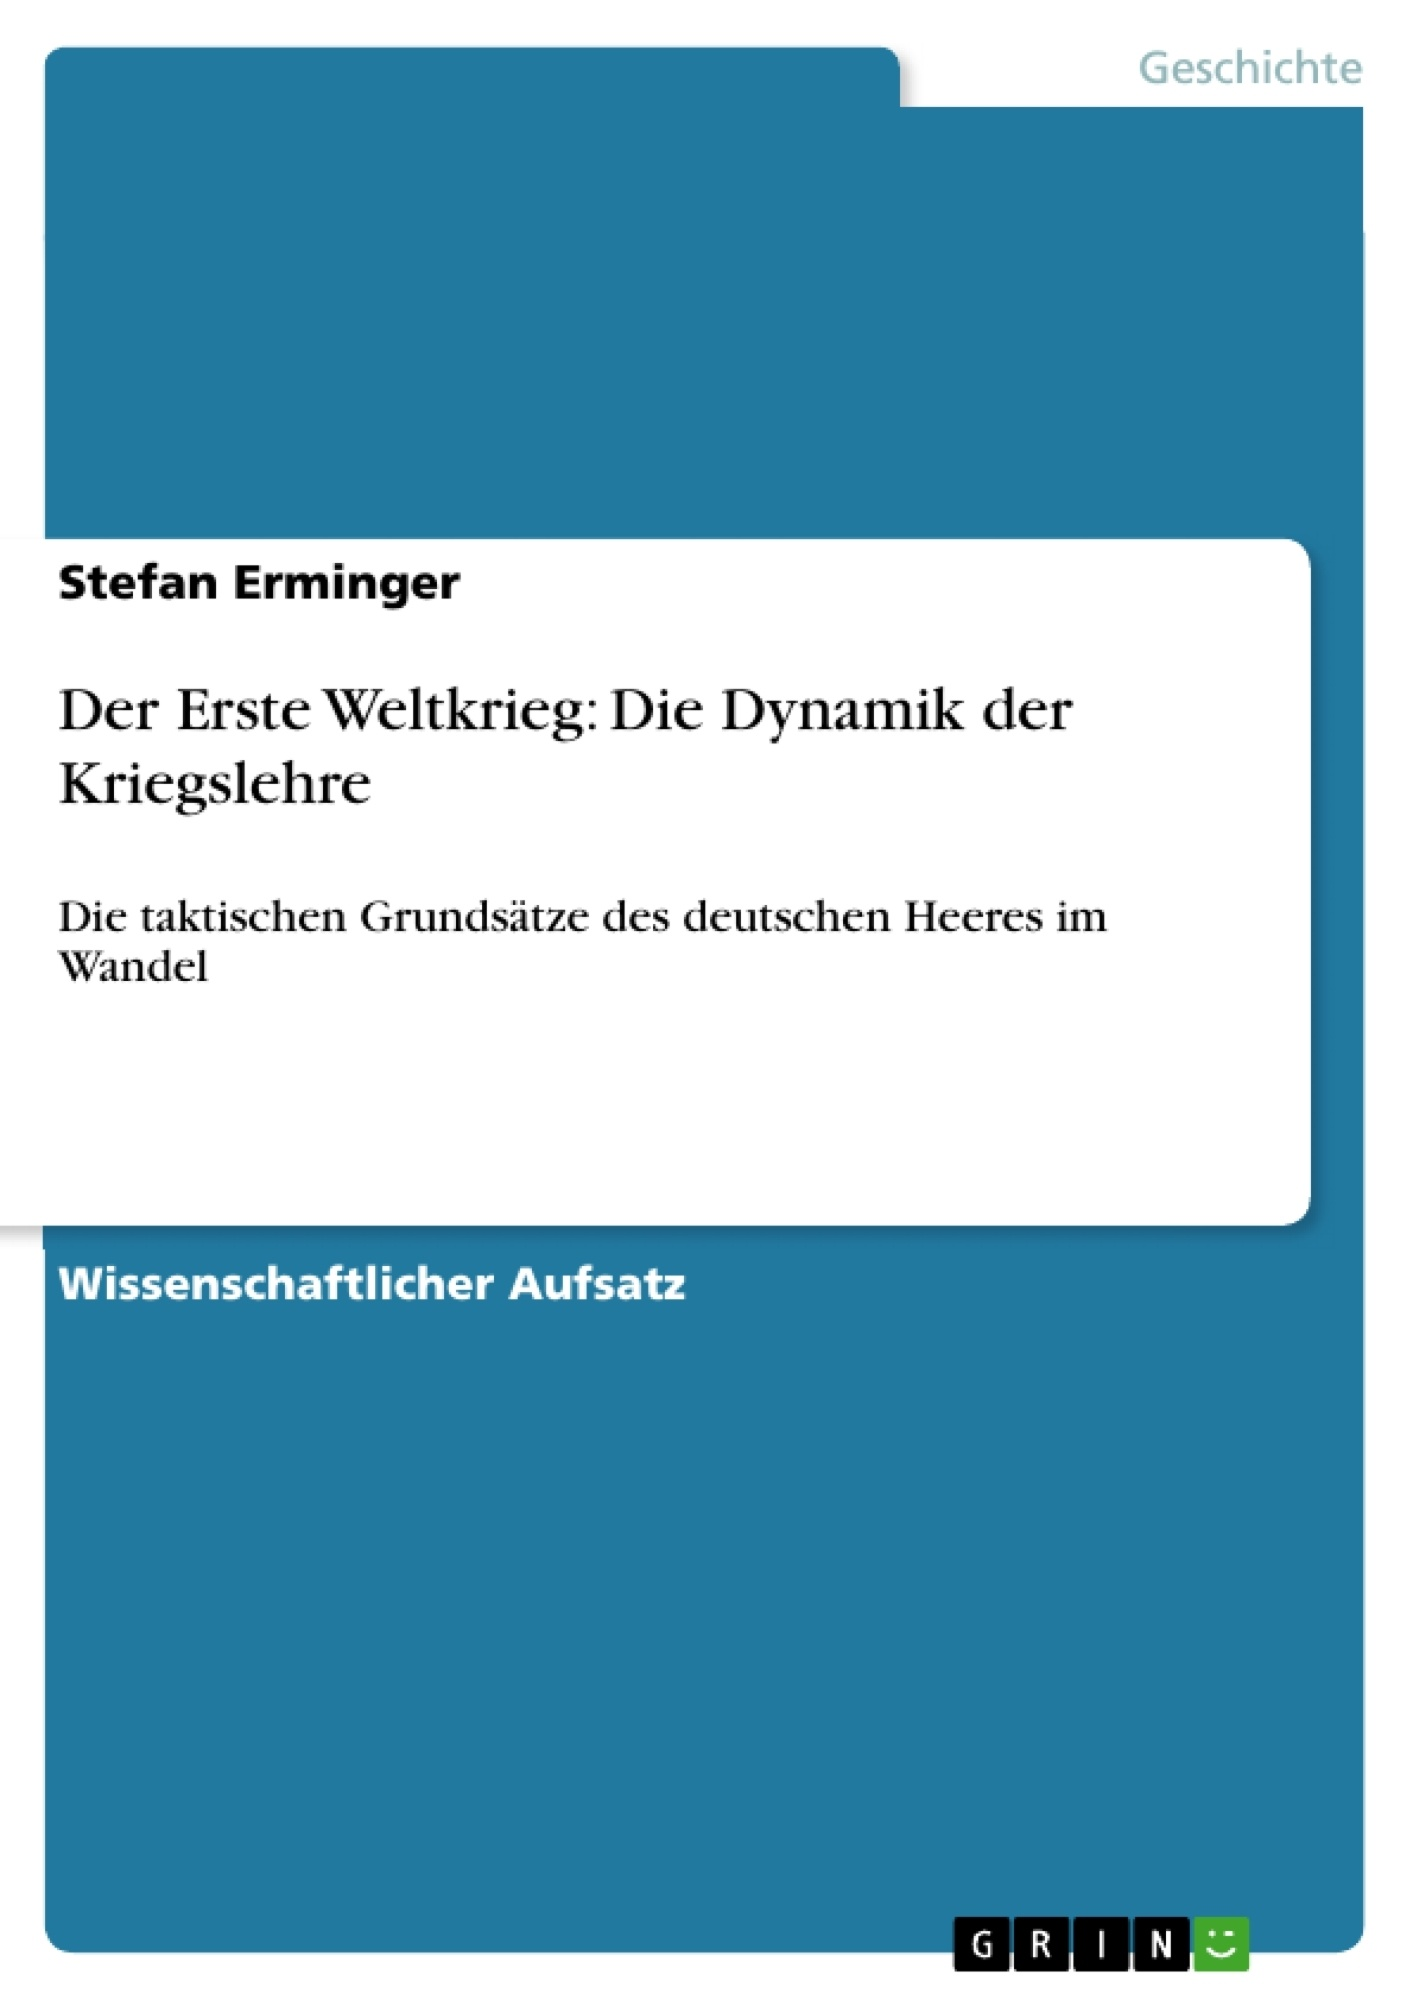 Titel: Der Erste Weltkrieg: Die Dynamik der Kriegslehre